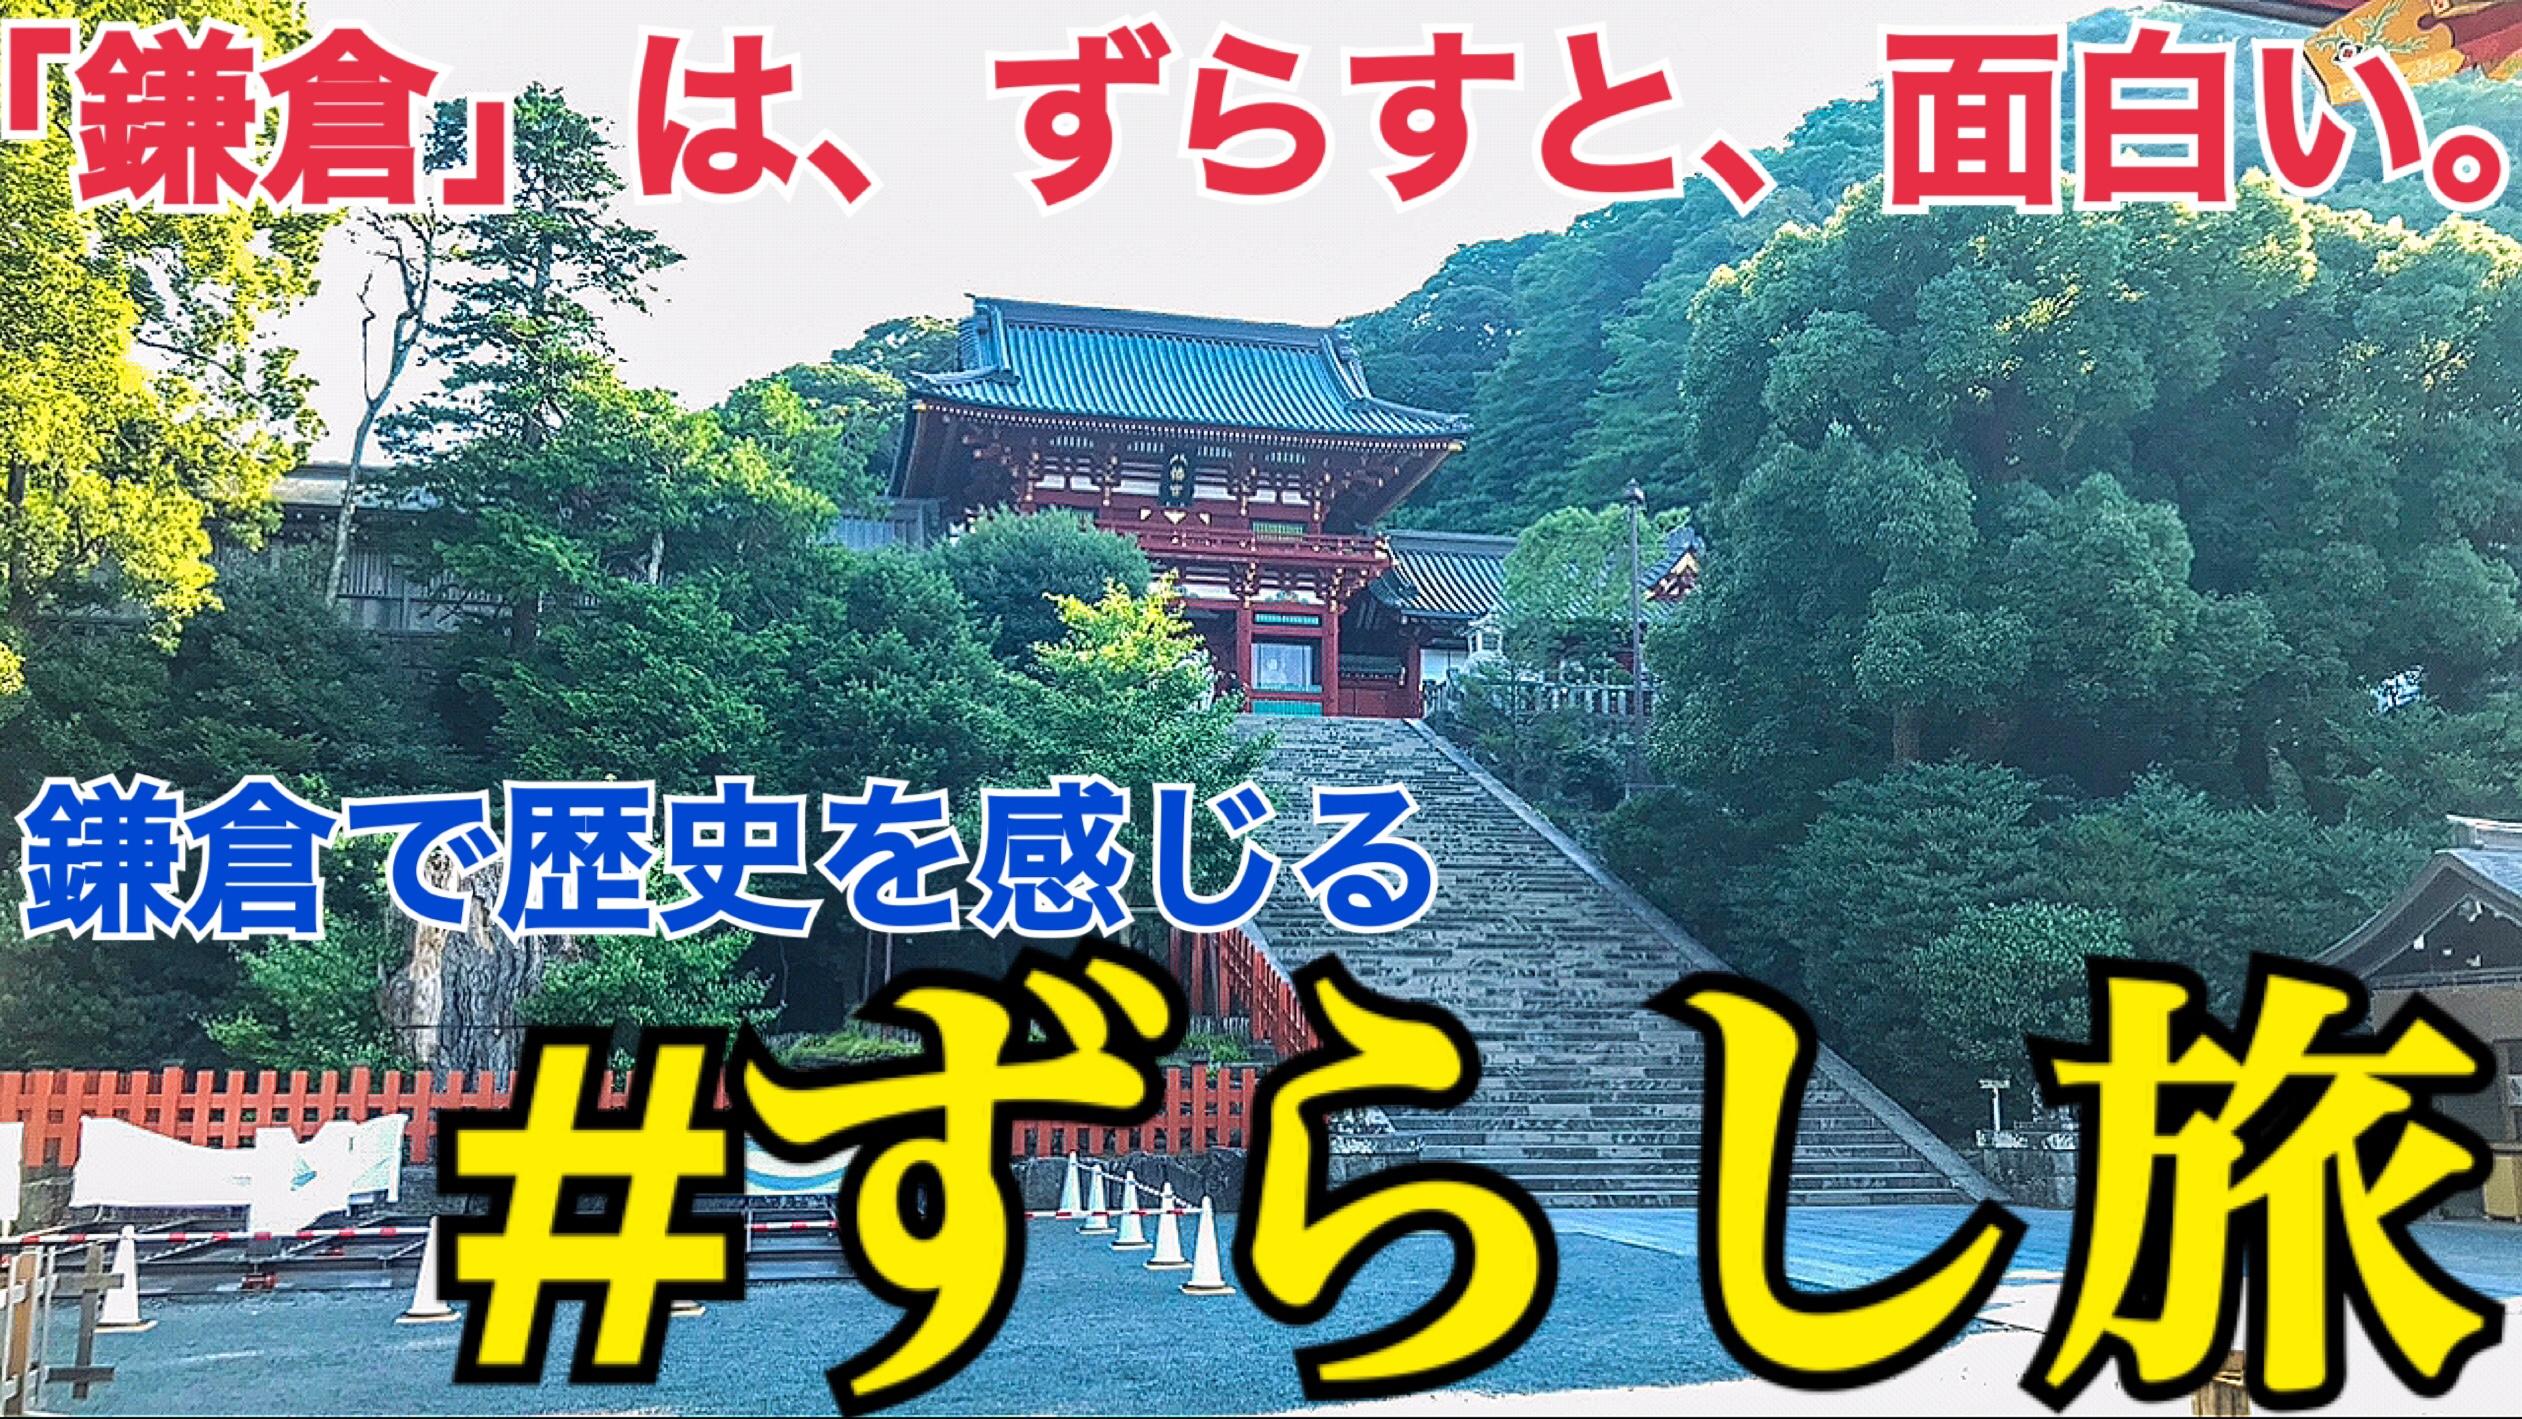 今こそ!#ずらし旅!鎌倉でずらし旅をやってみた!ずらし旅の何が良いの?